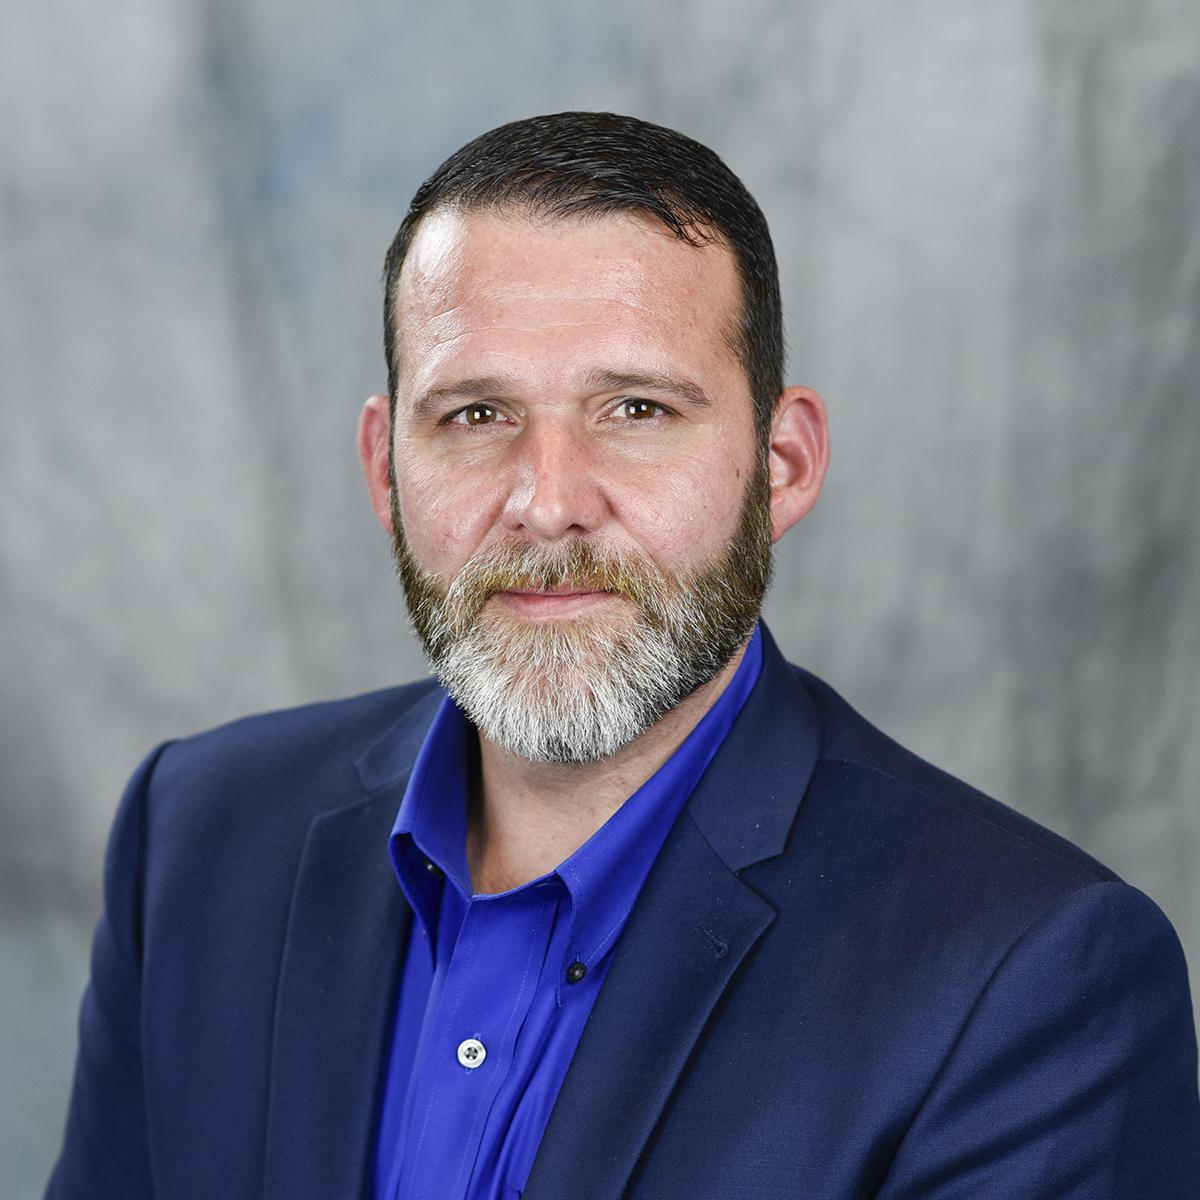 Justin Kukal VP, Automation Strategy & Implementation